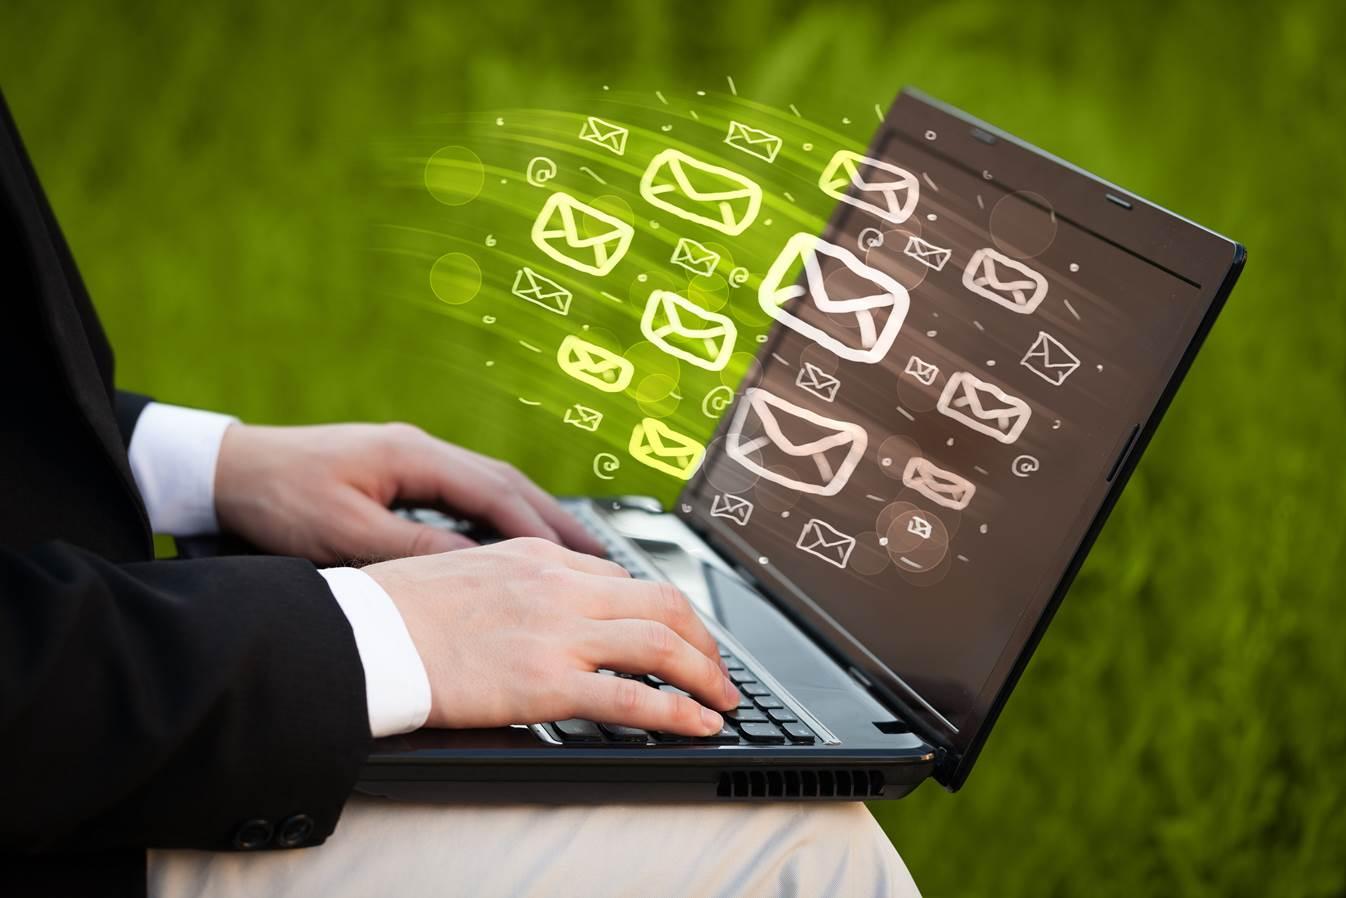 メルマガの基本:HTMLメールとテキストメールのメリット・デメリットを理解しよう